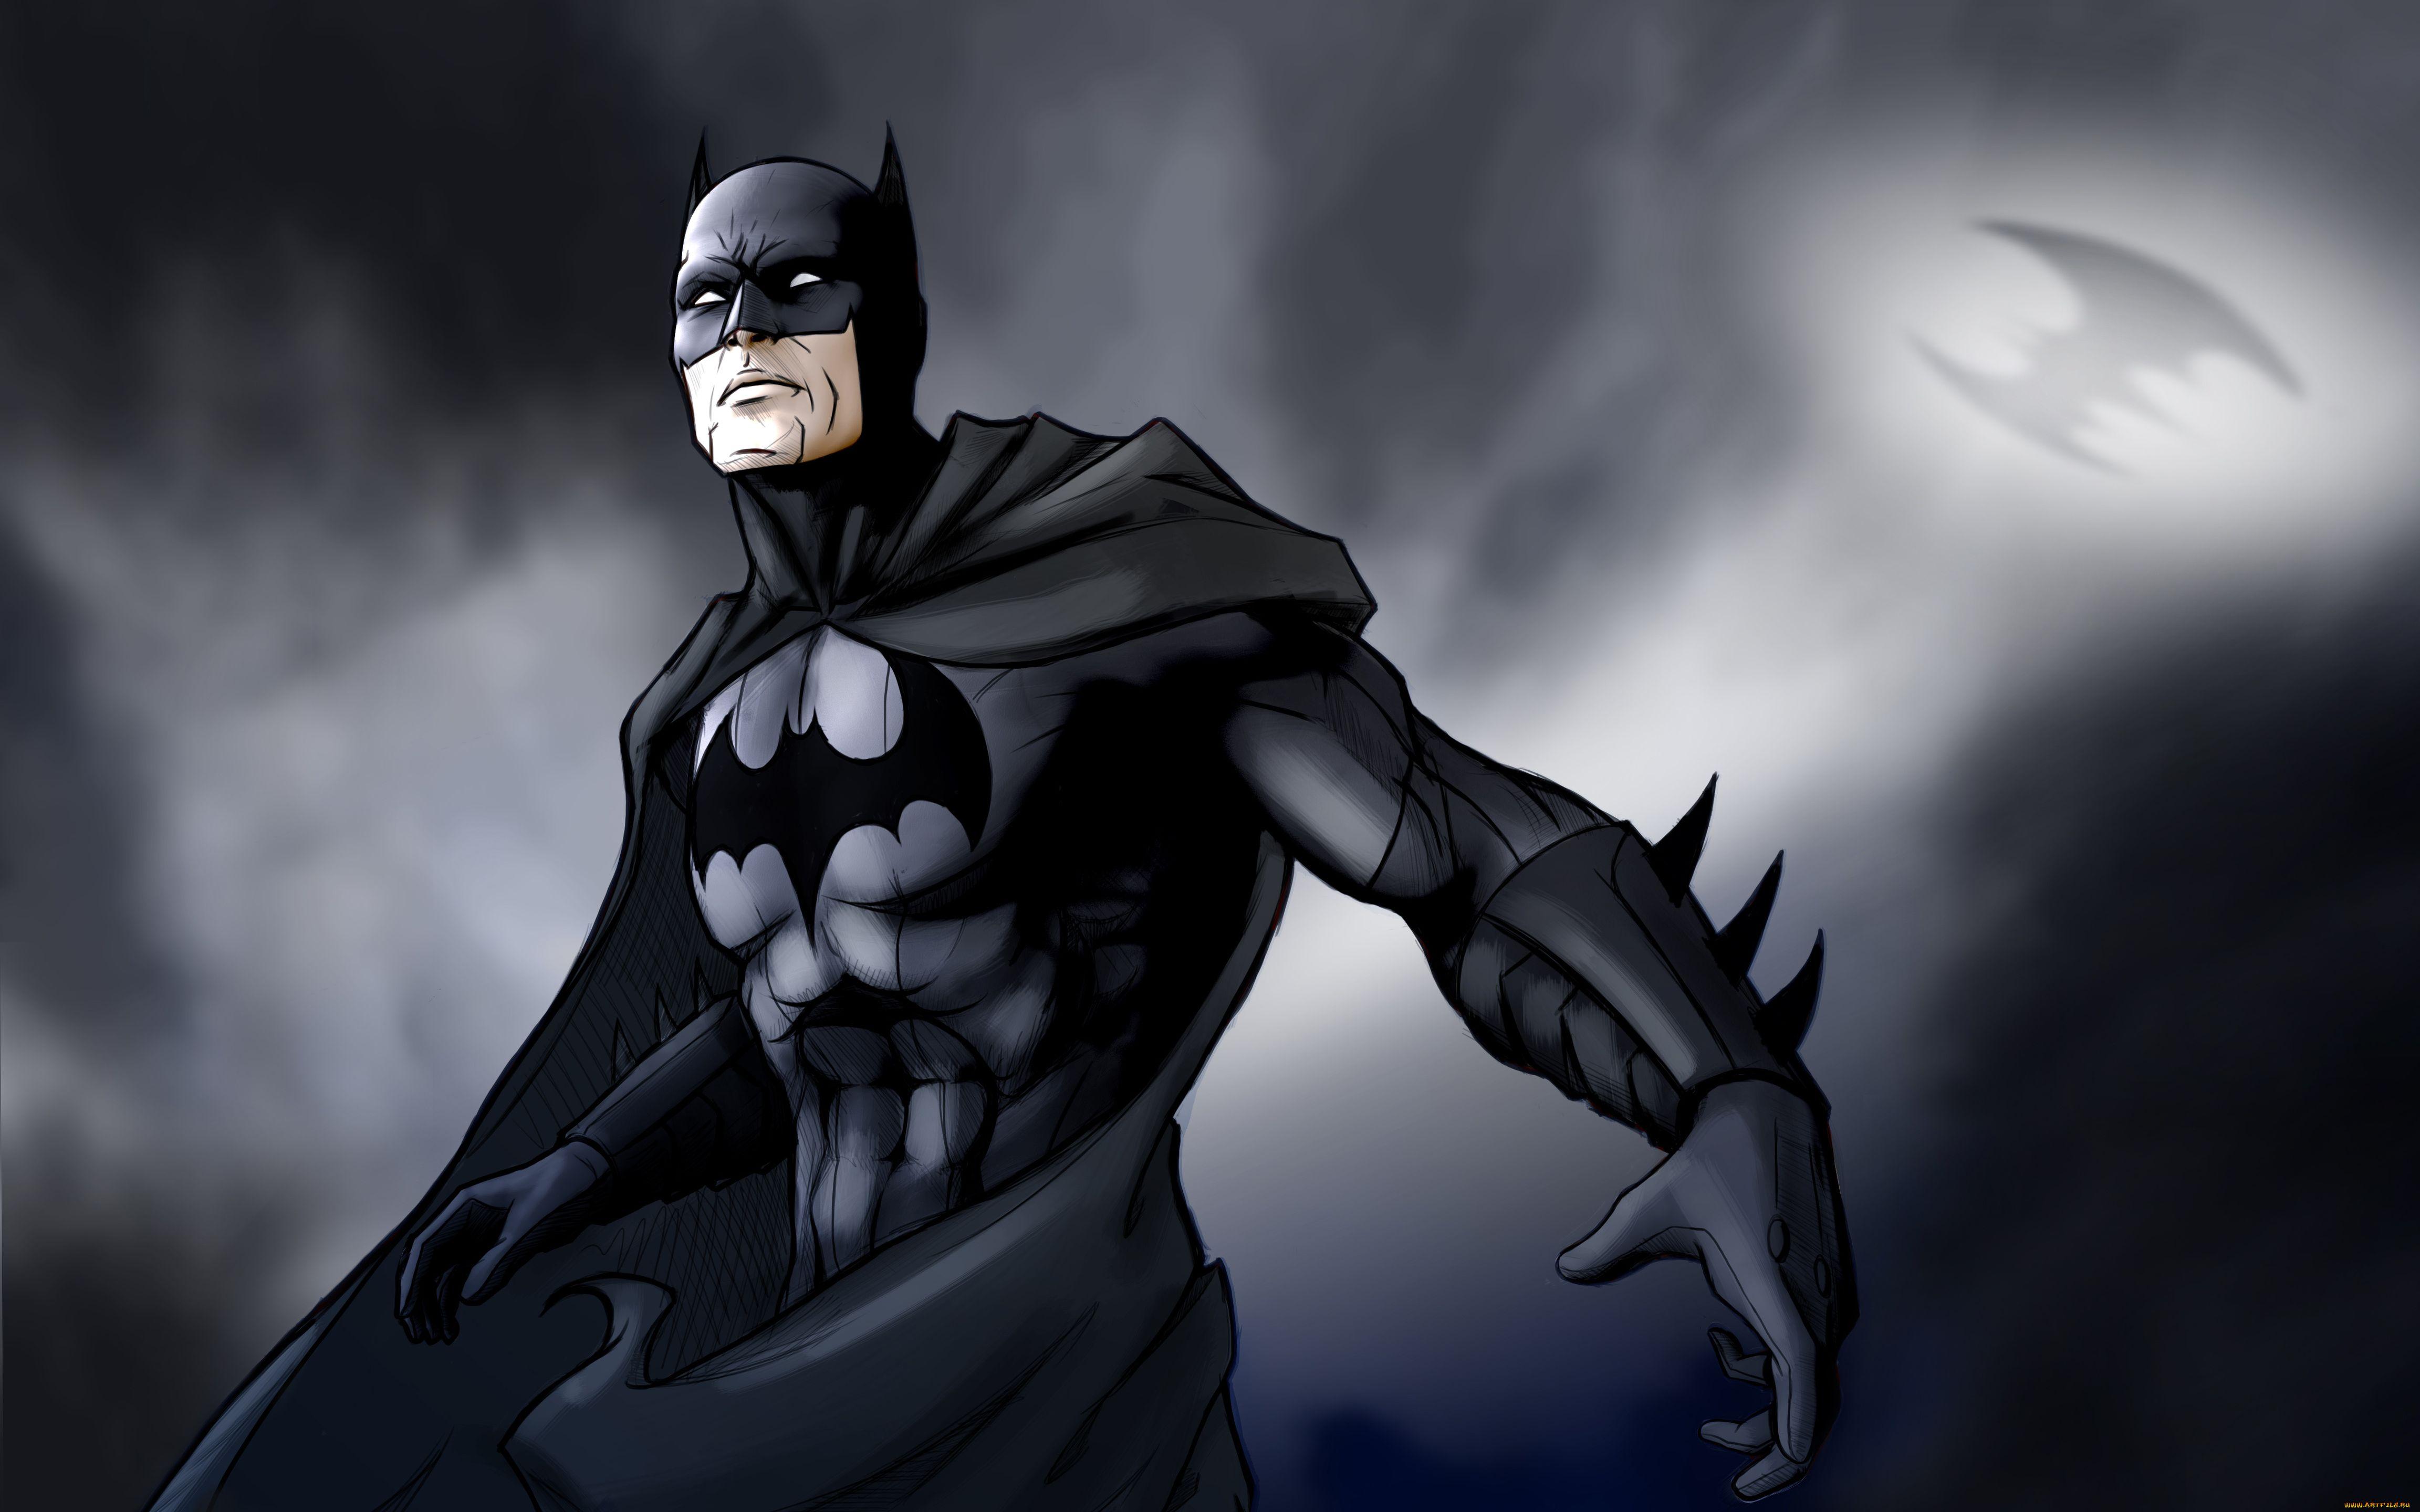 картинки бэтмен классные бериллом